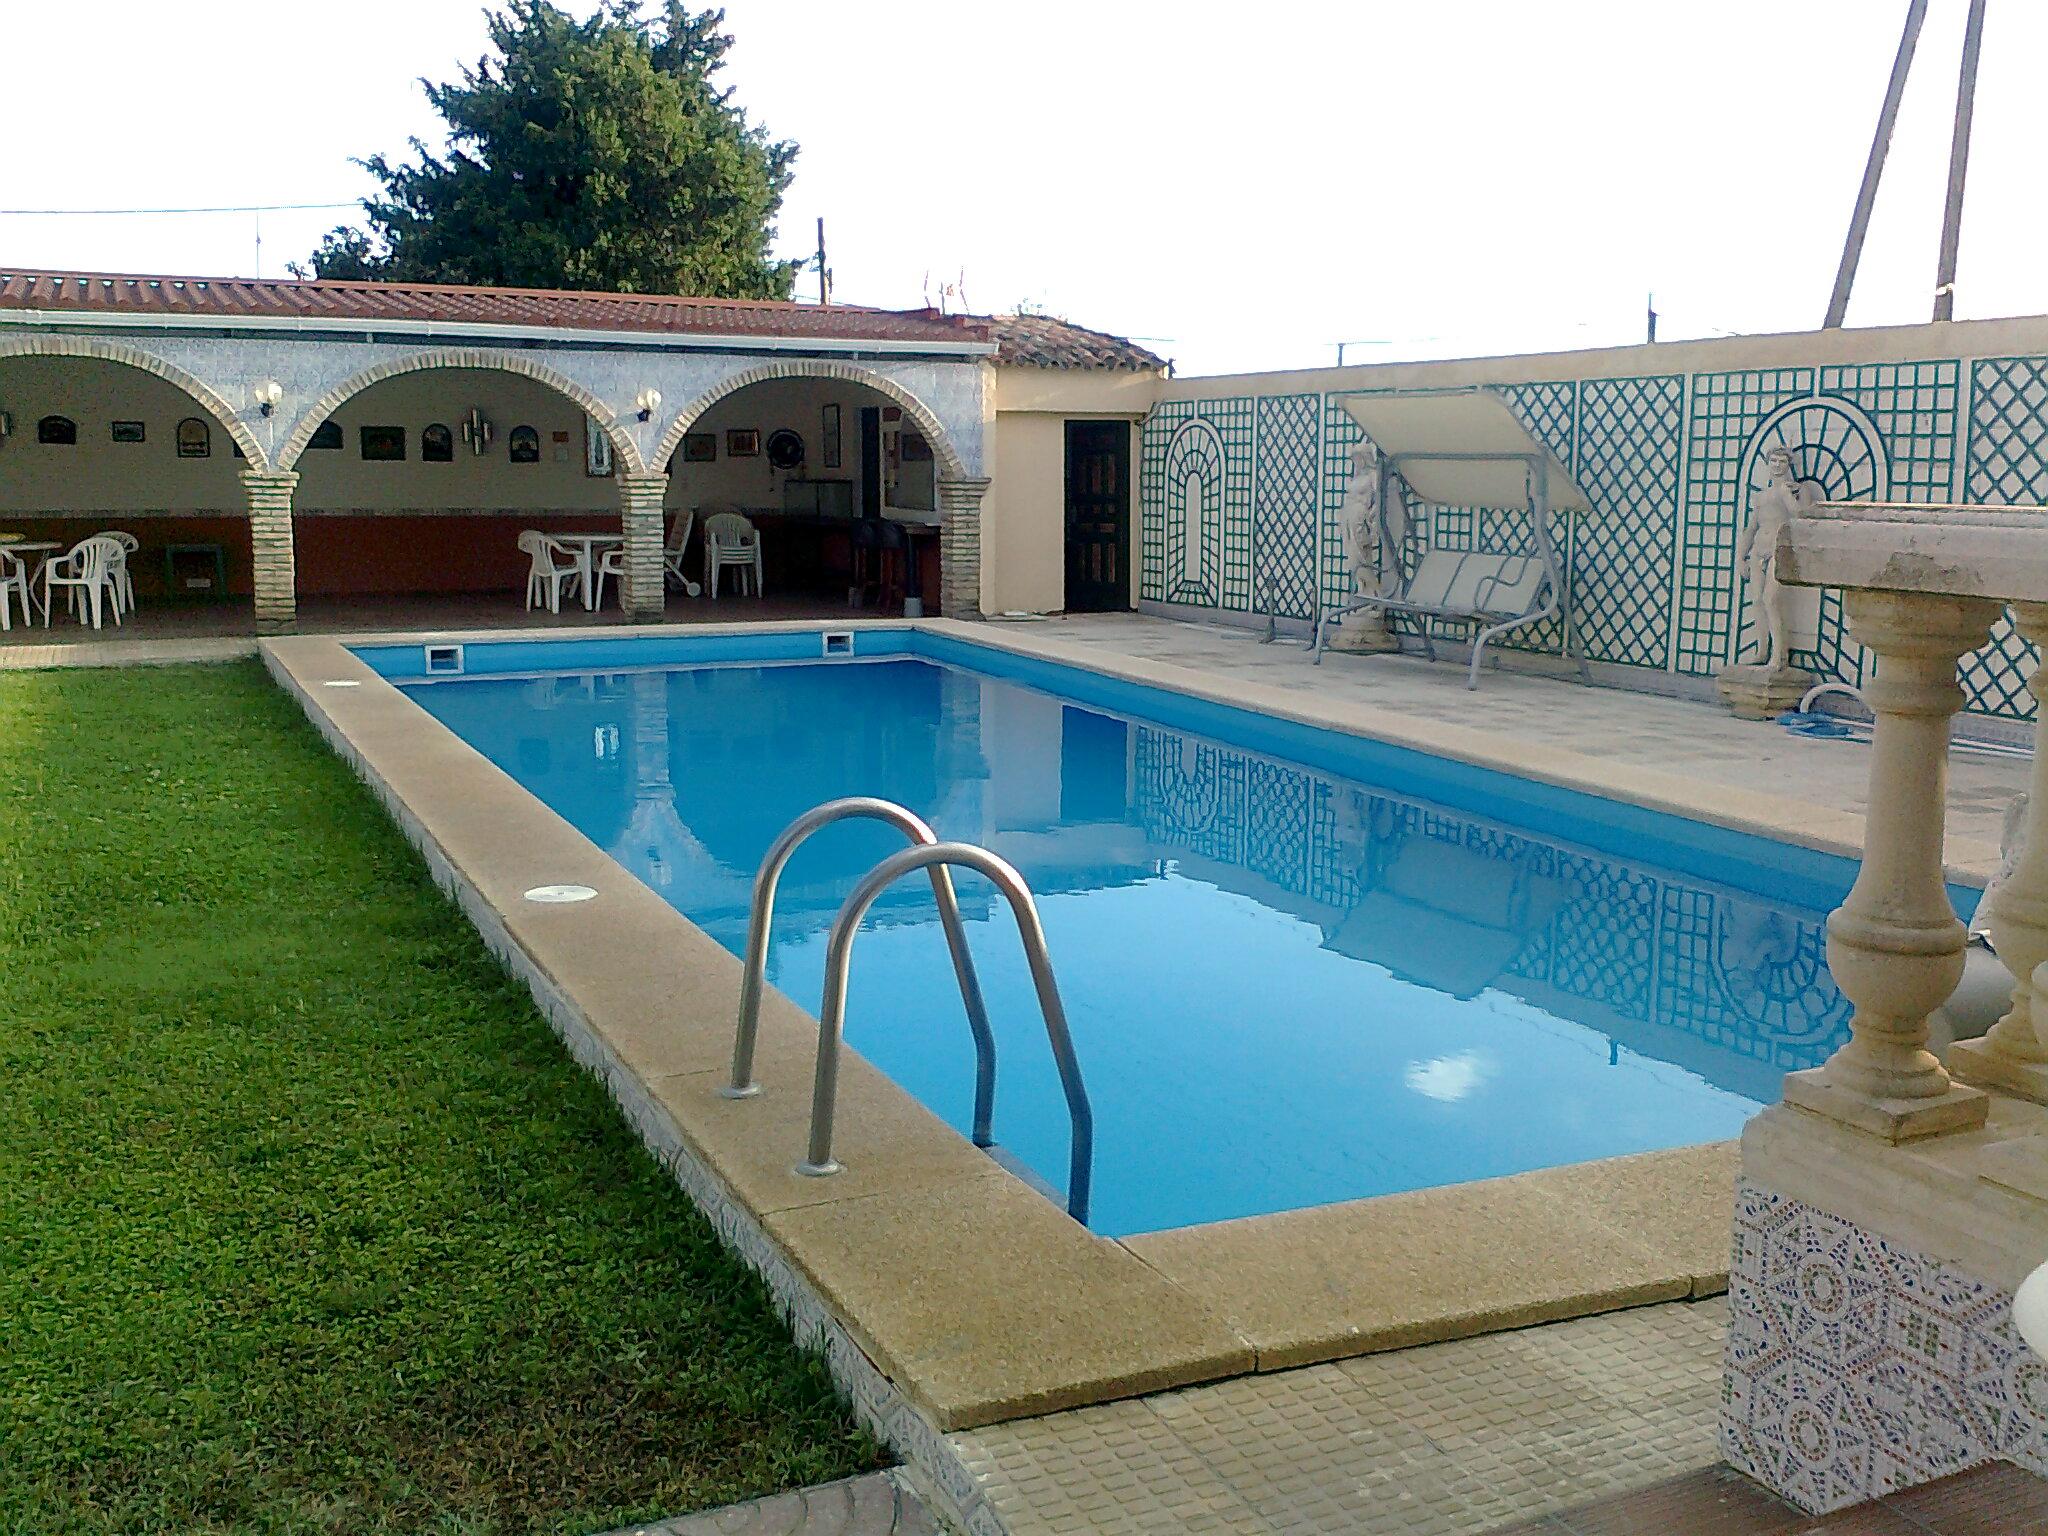 Limpieza de piscinas en zaragoza cangurin for Limpieza de piscinas